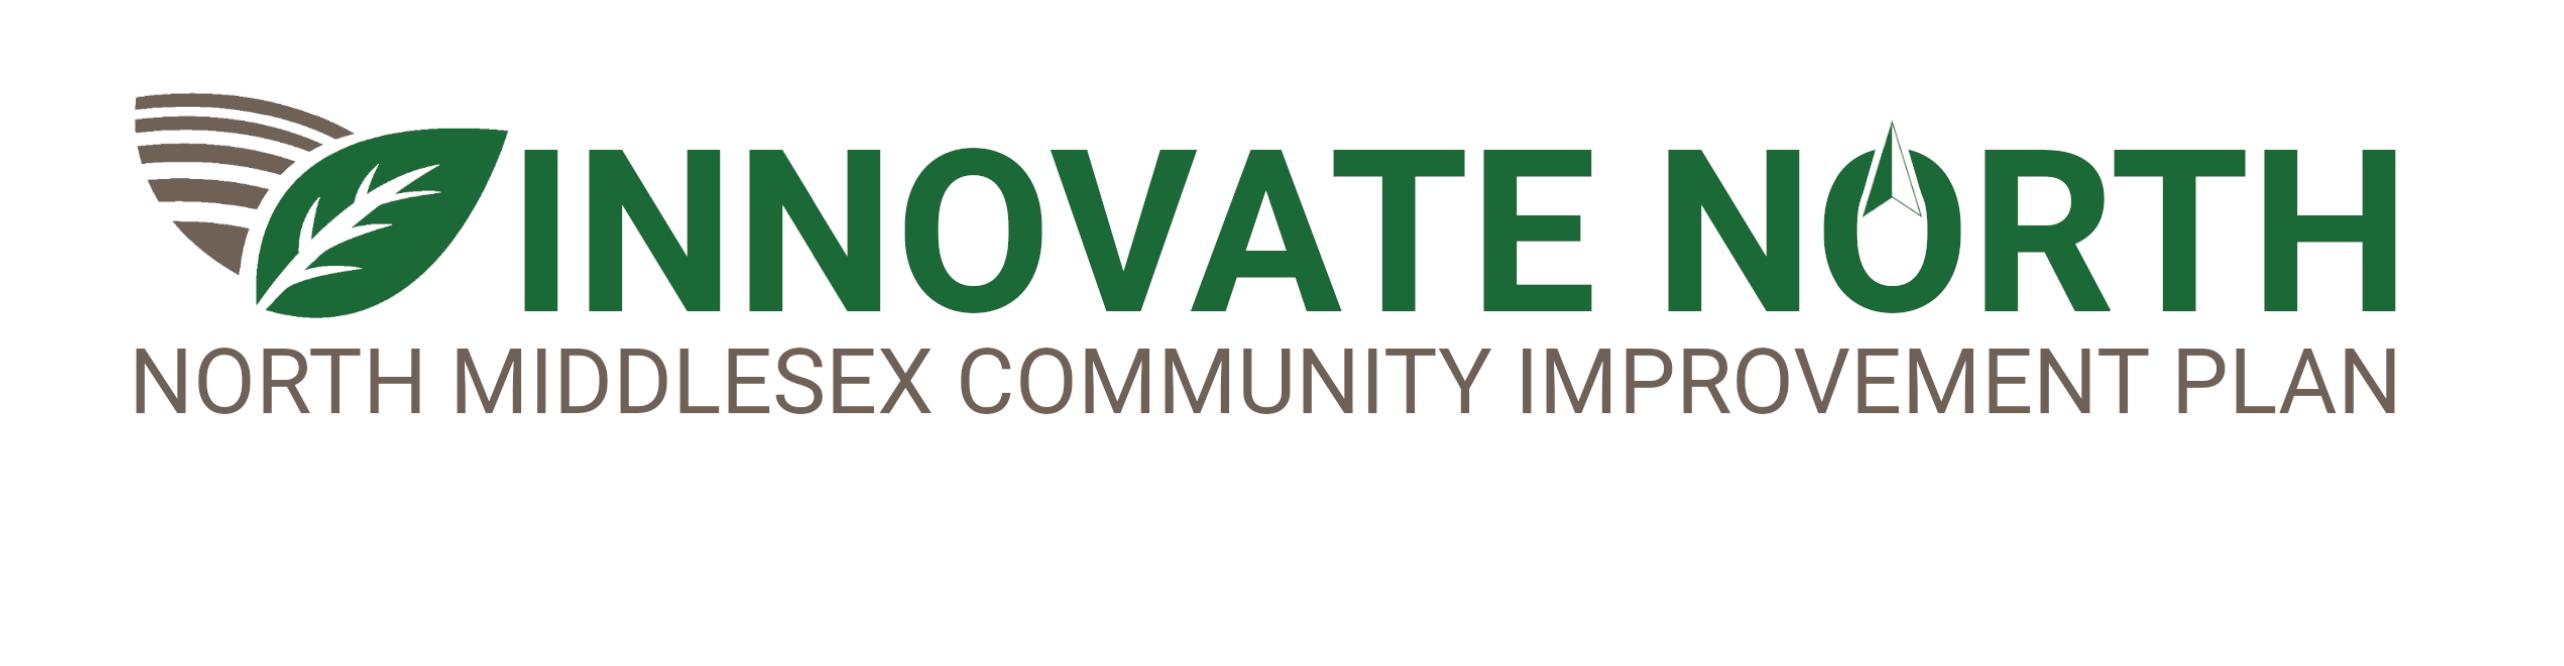 CIP_InnovateNorth_Logo